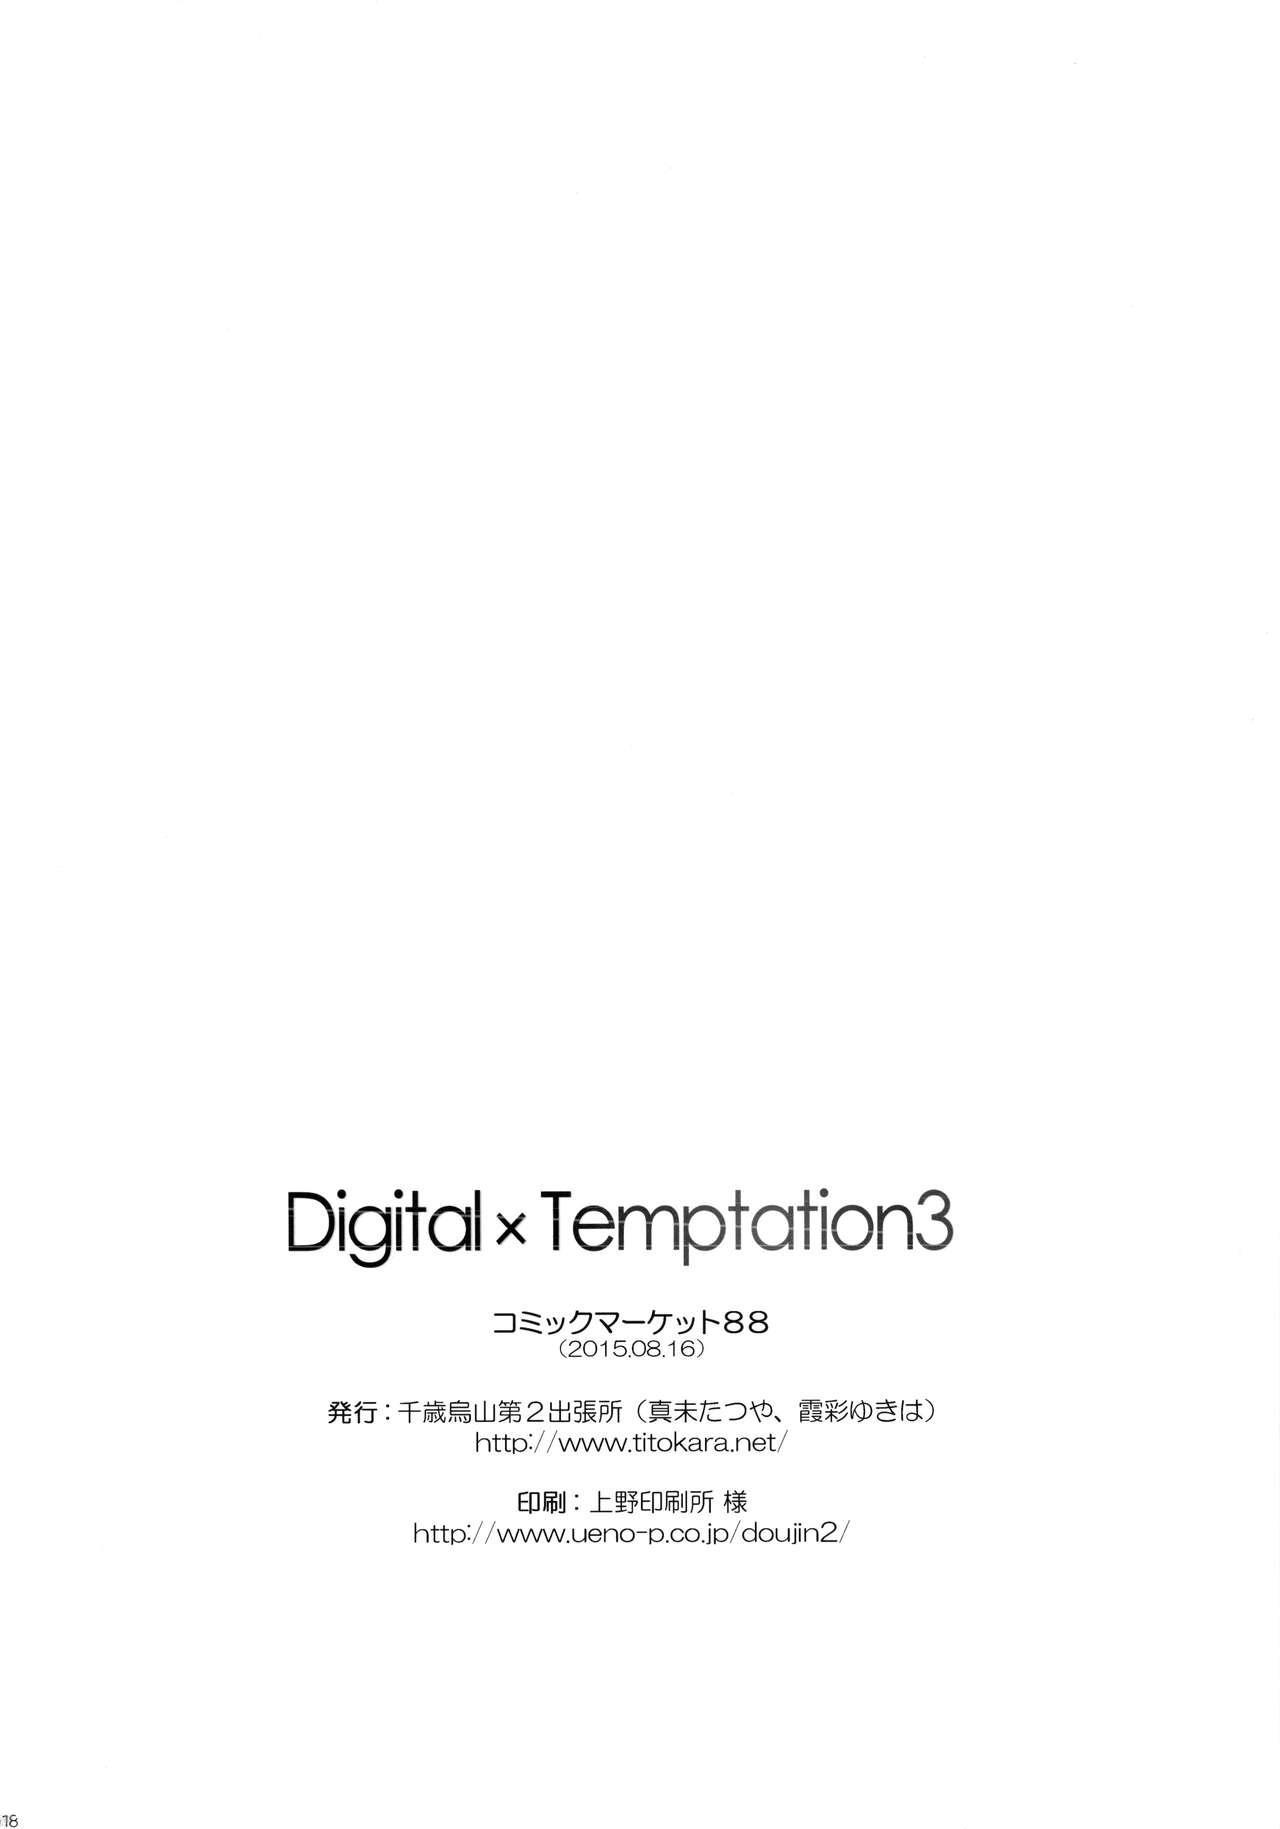 Digital x Temptation 3 17